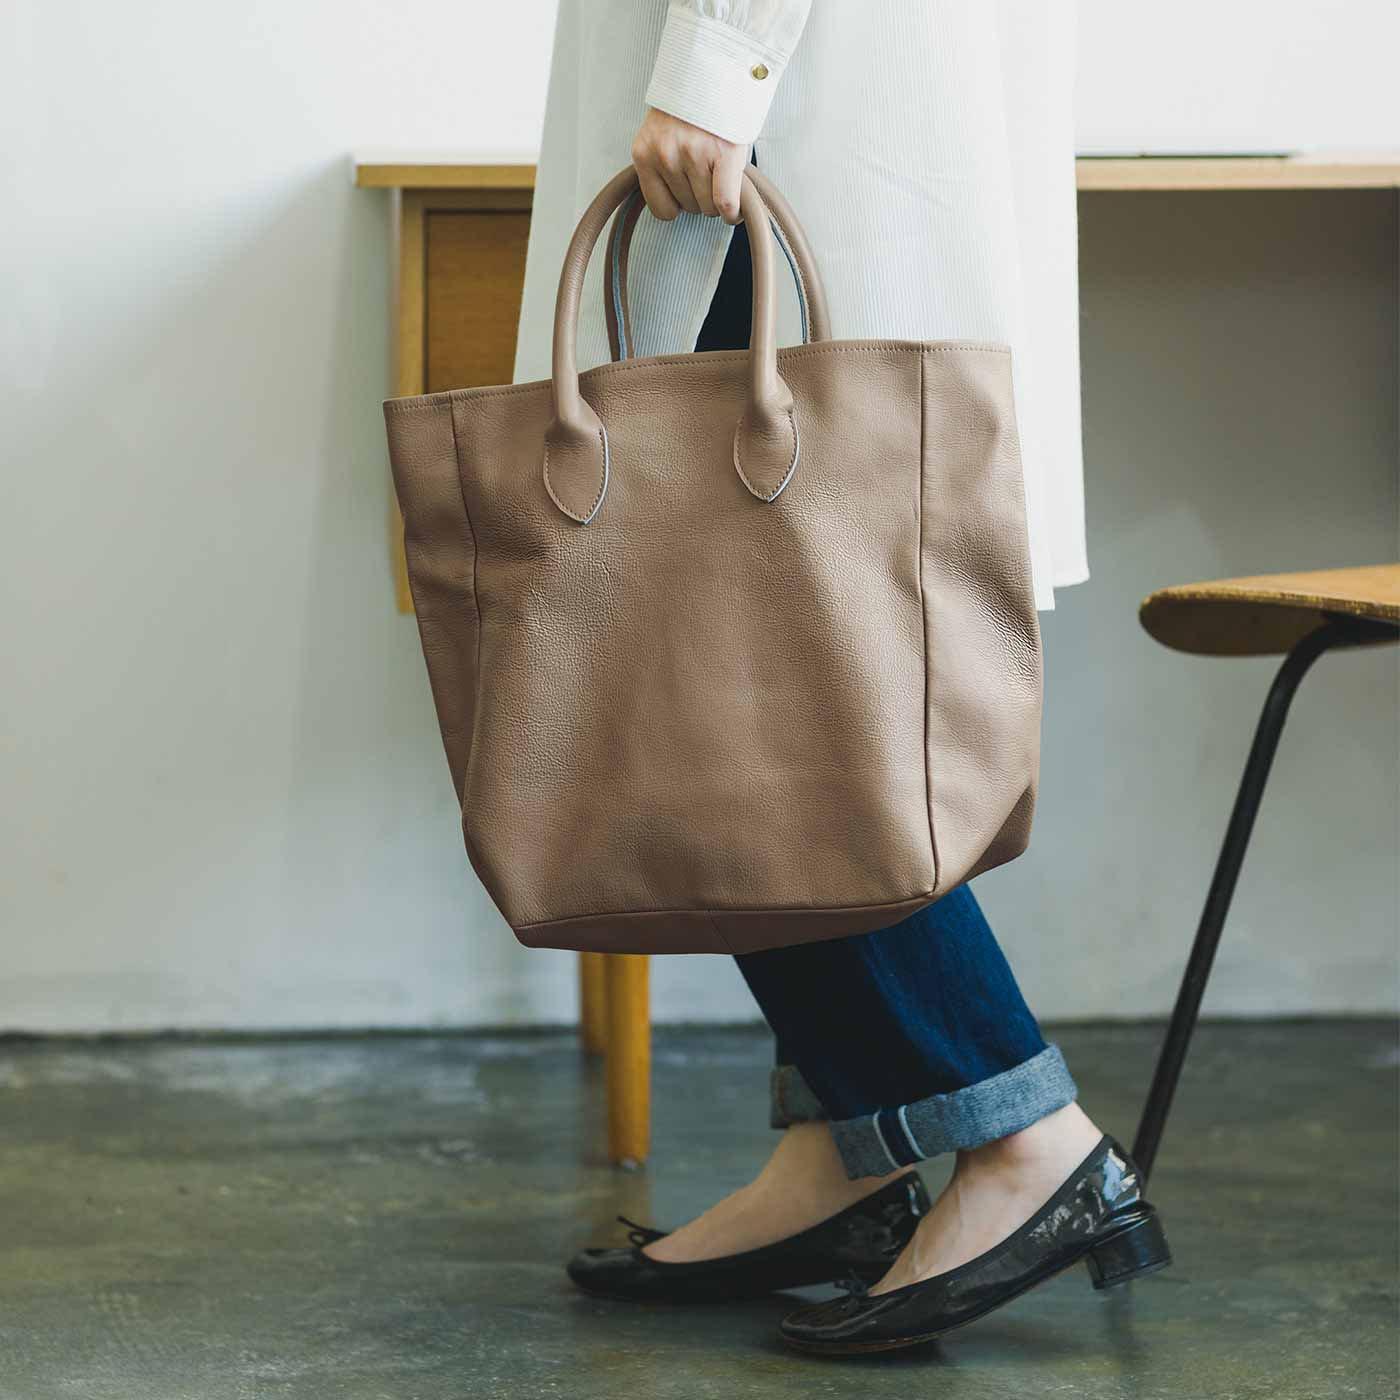 プランナーMOEと作った 職人本革のロイヤルティバッグ〈グレーカーキ〉[本革 鞄:日本製]